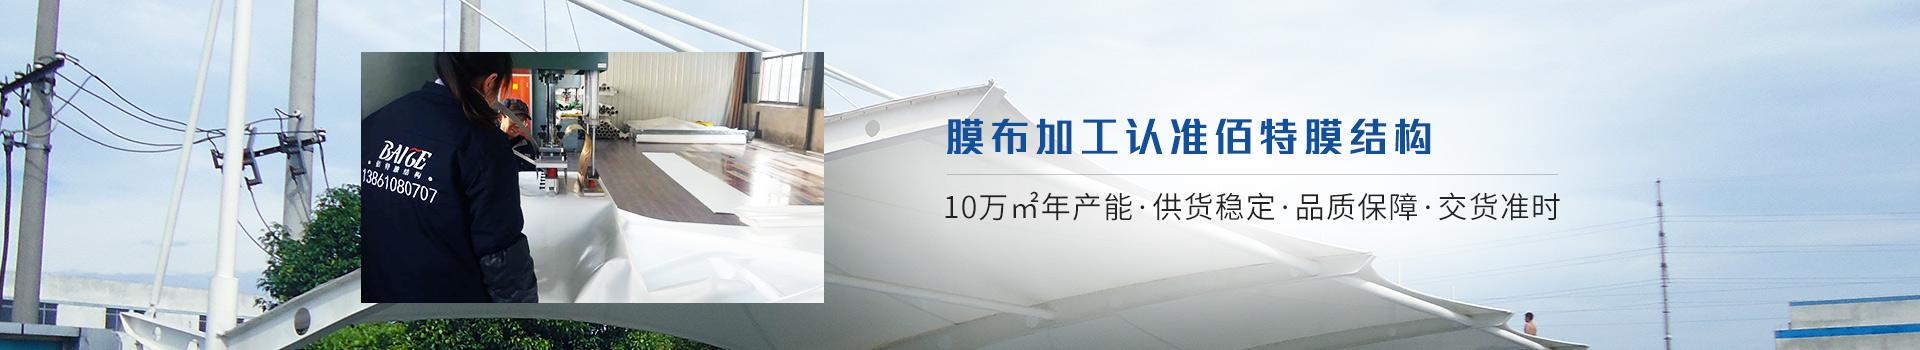 膜布加工认准佰特膜结构 10万㎡年产能,供货稳定,品质保障,交货准时!